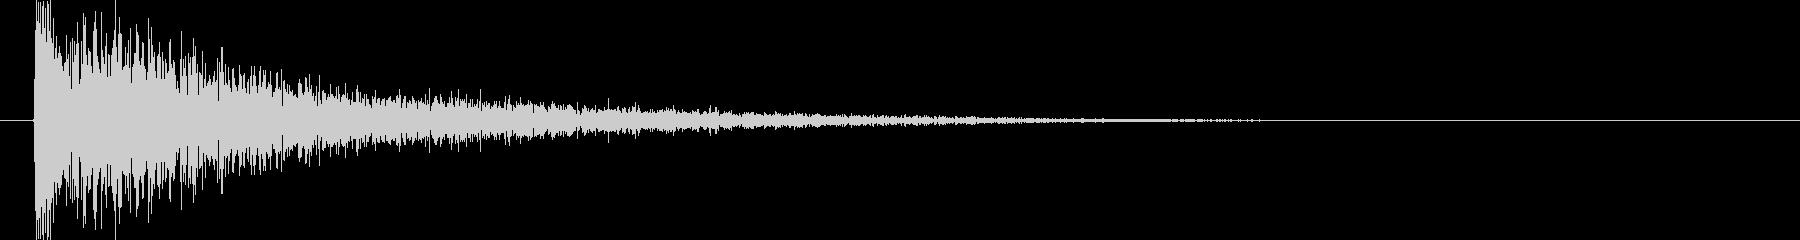 映画告知音8 ドーンの未再生の波形